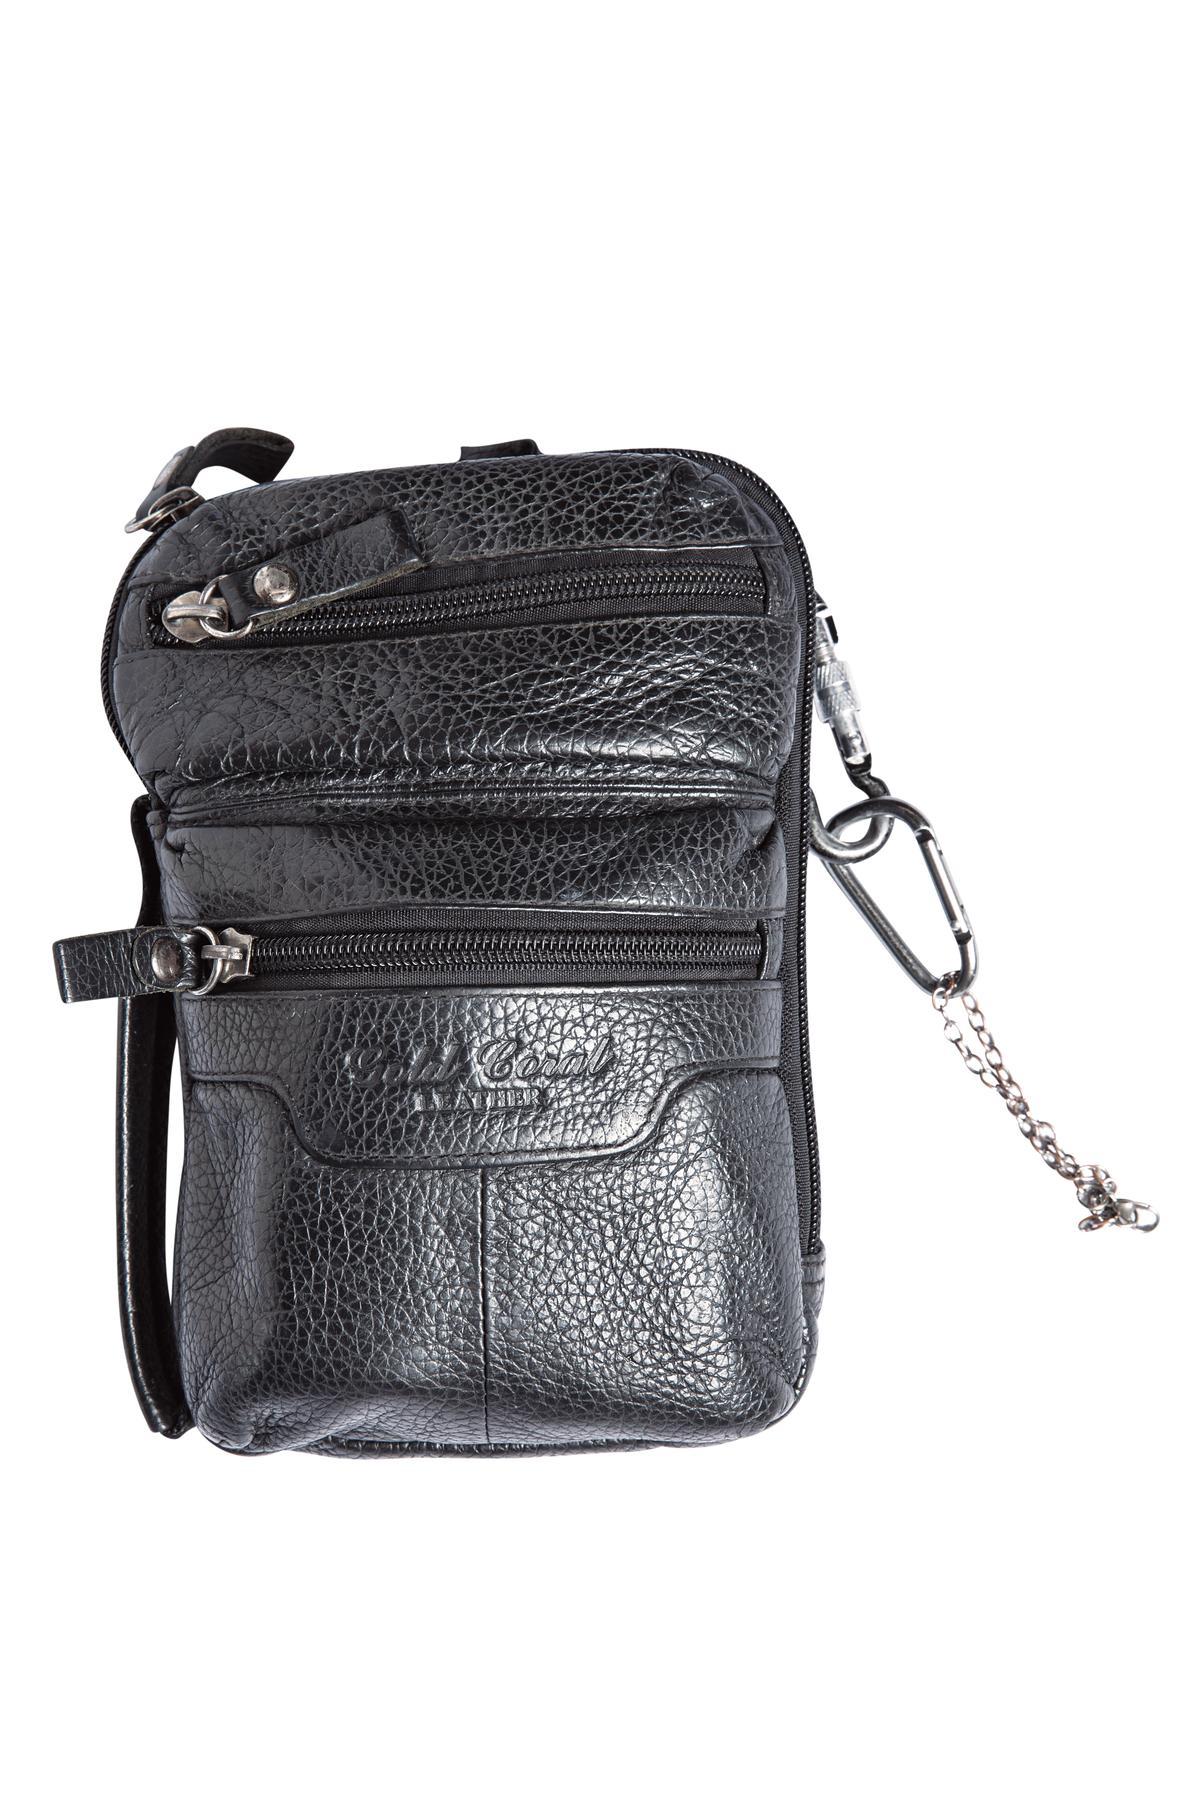 北京小店買的黑色腰包。約NT$1,600